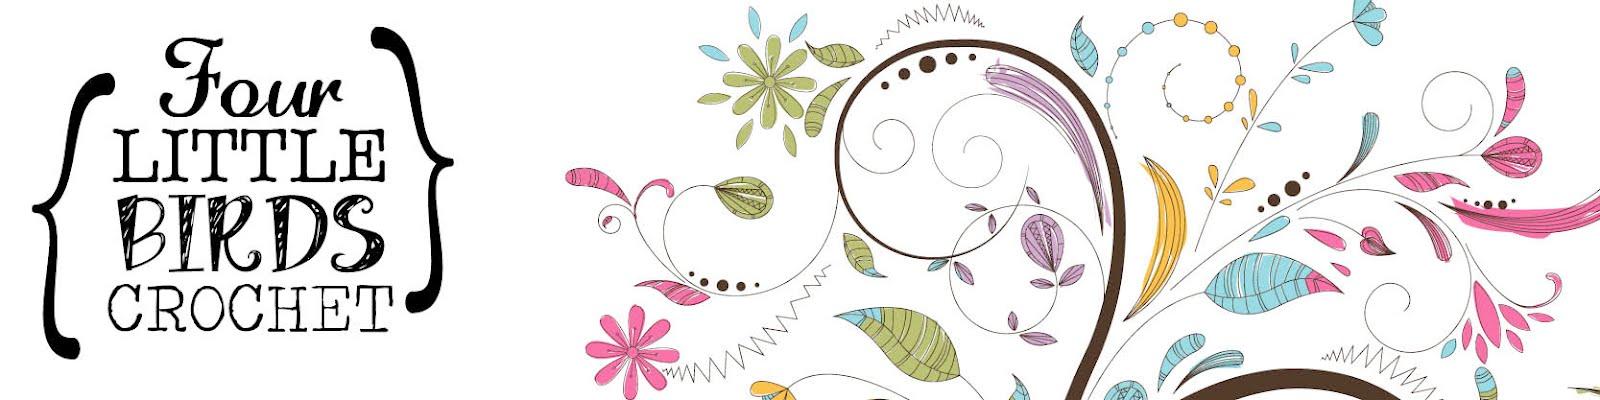 Four Little Birds Crochet